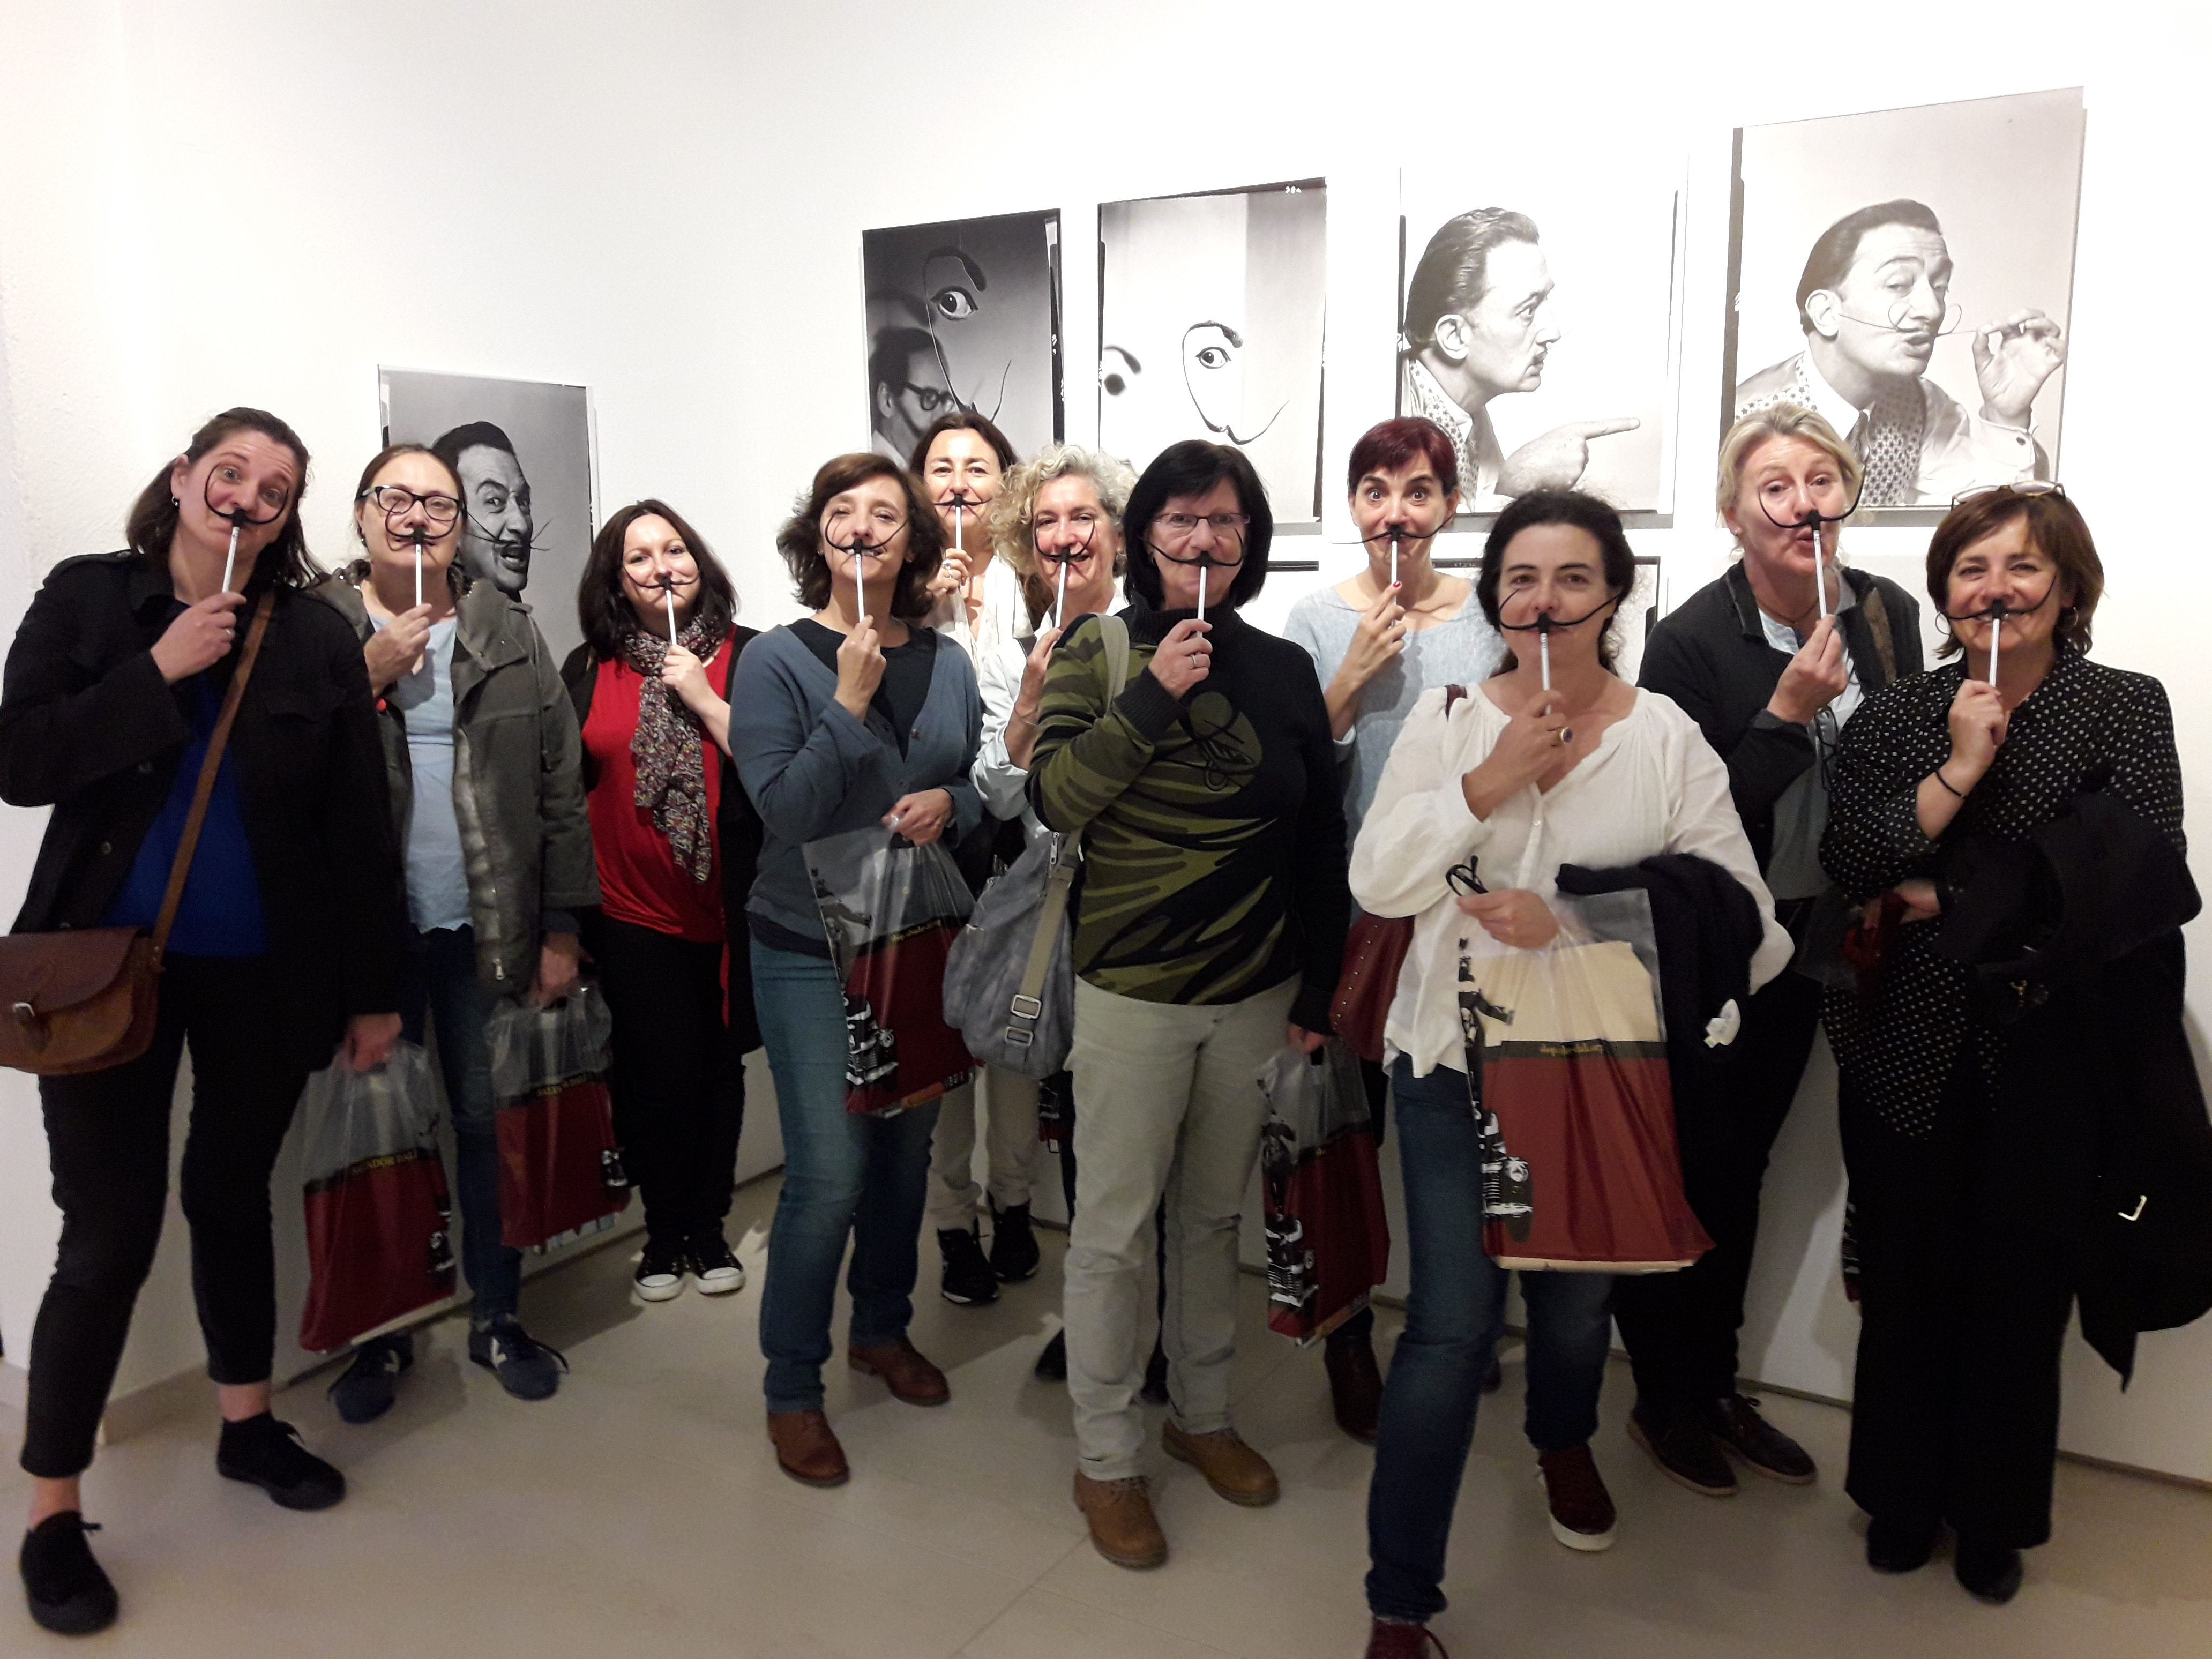 El equipo de la Fundación Gala-Salvador Dalí con el equipo de Comunicación y Proyectos digitales del museo